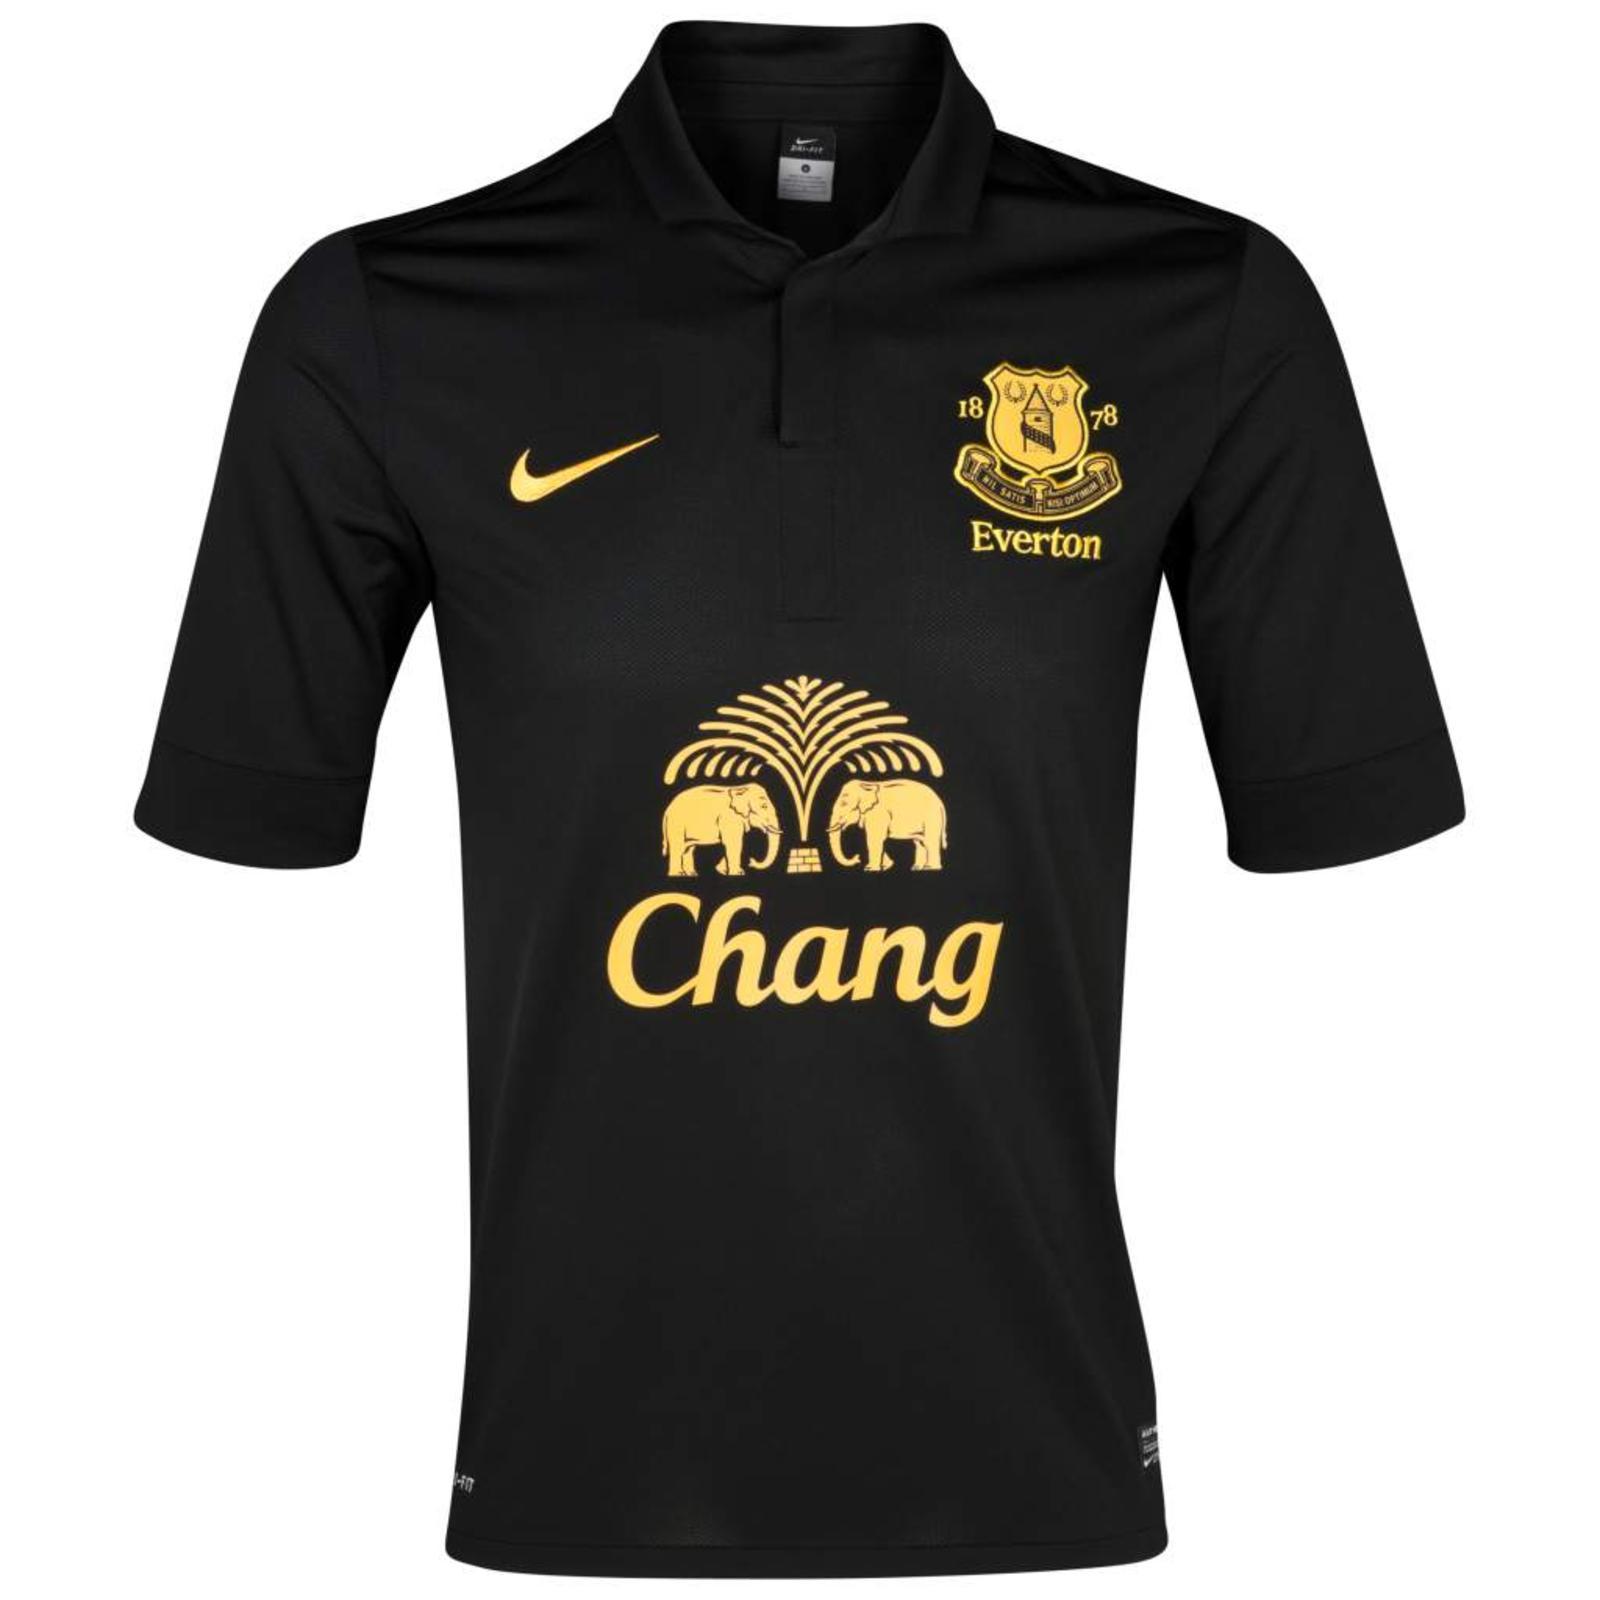 Everton Football Club Unveil New Away Kit for Season 2012 ...